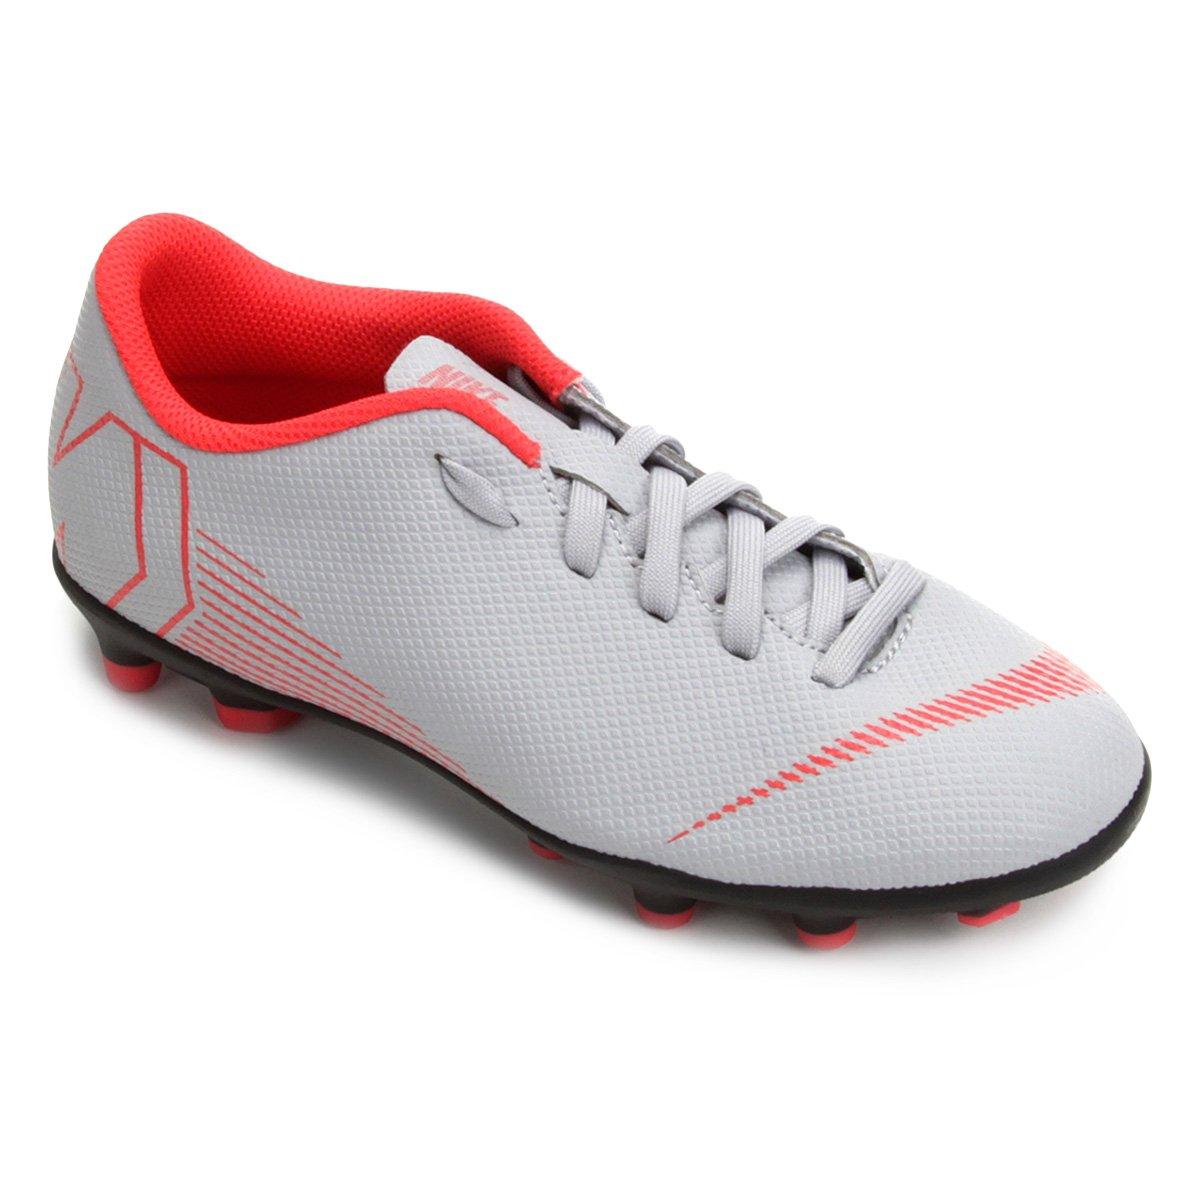 9a9d98d9d3377 Chuteira Campo Infantil Nike Mercurial Vapor 12 Club - Cinza e Preto -  Compre Agora